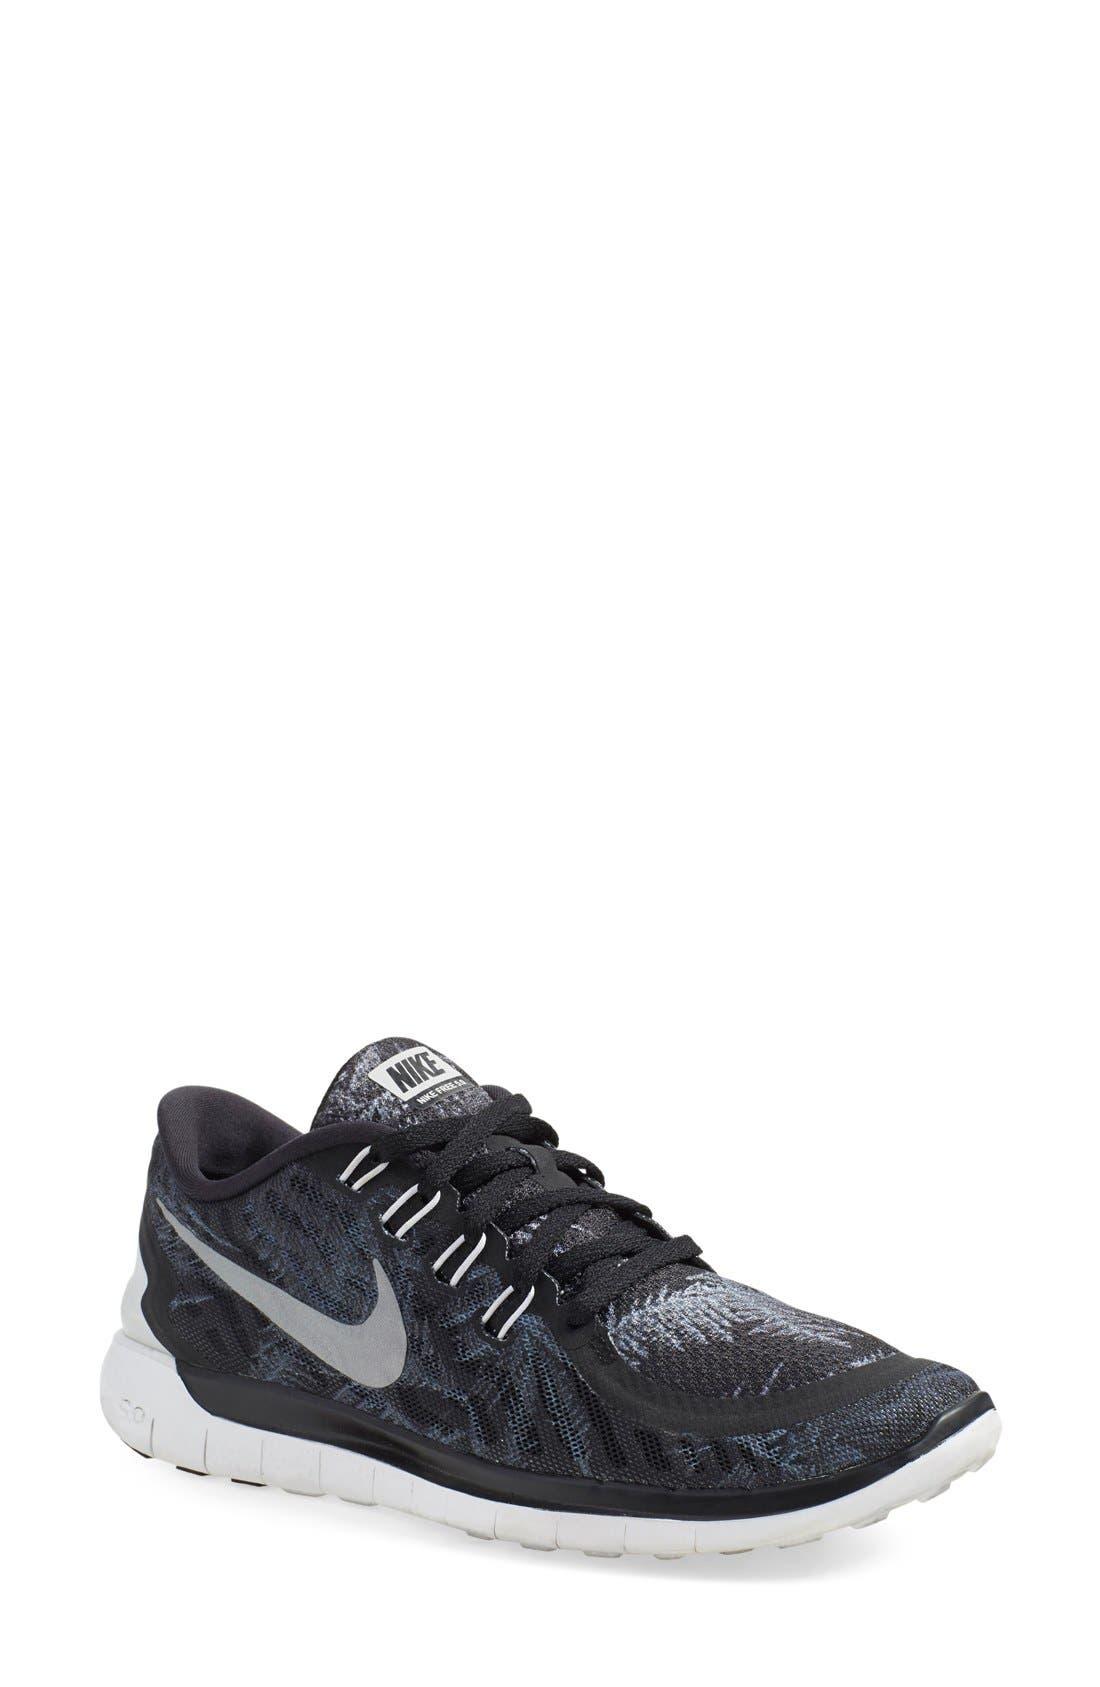 Main Image - Nike 'Free 5.0 Solstice' Running Shoe